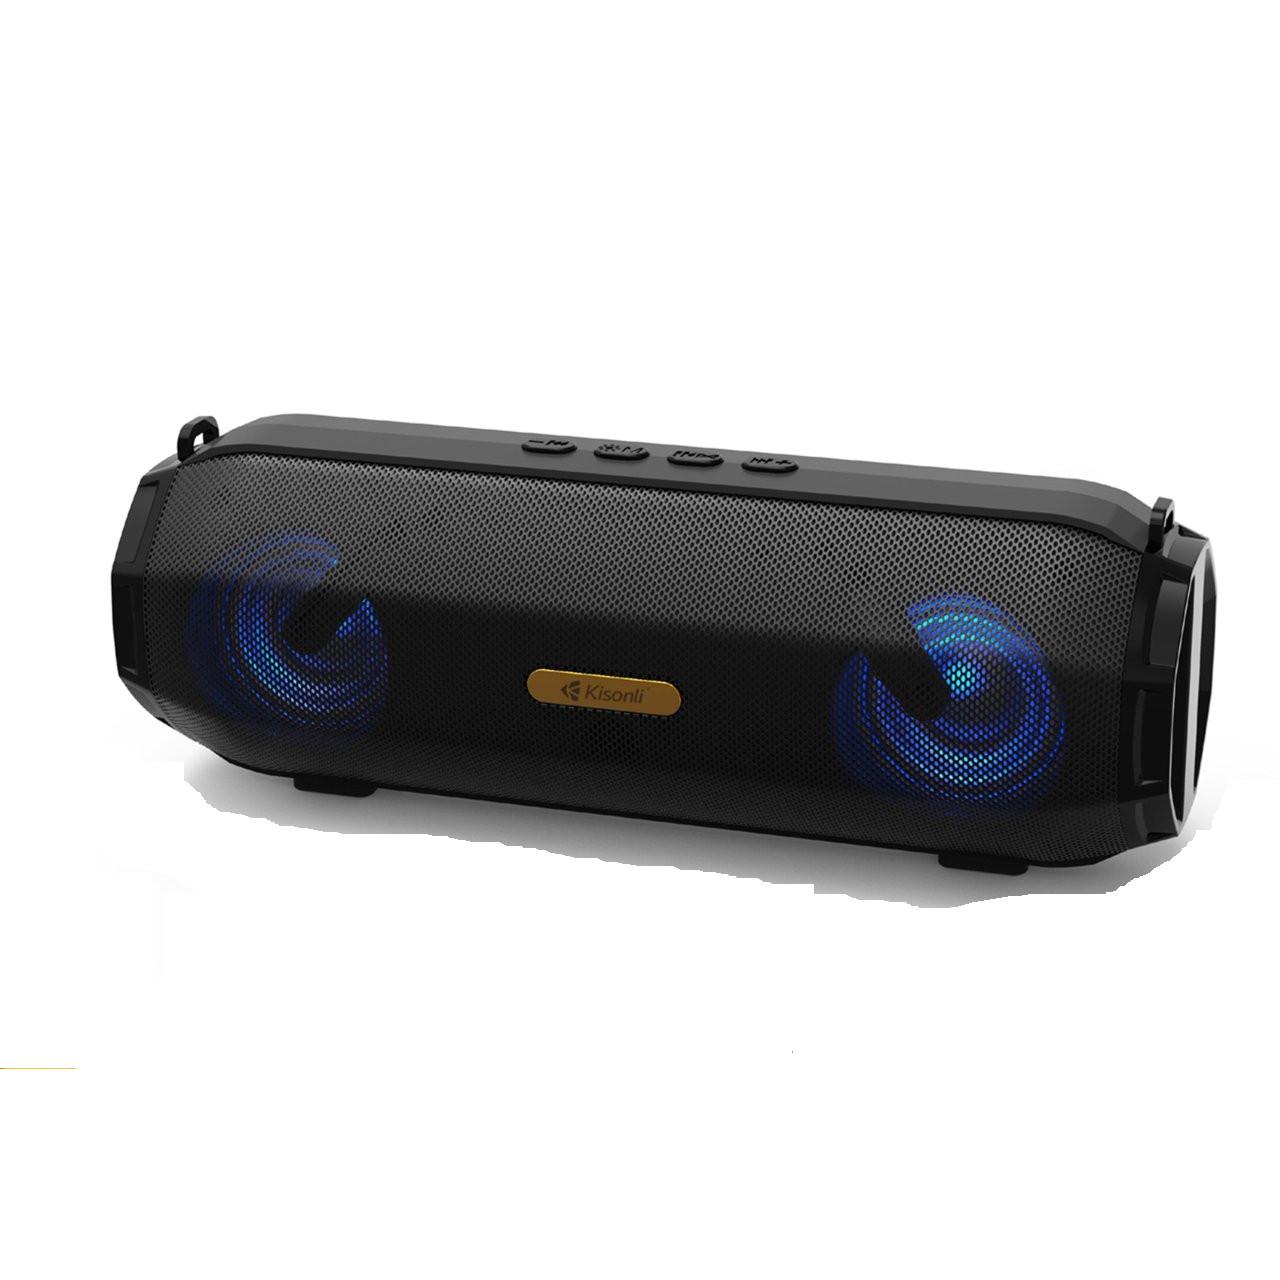 Loa nghe nhạc Kisonli Bluetooth LED-903 - Hàng chính hãng